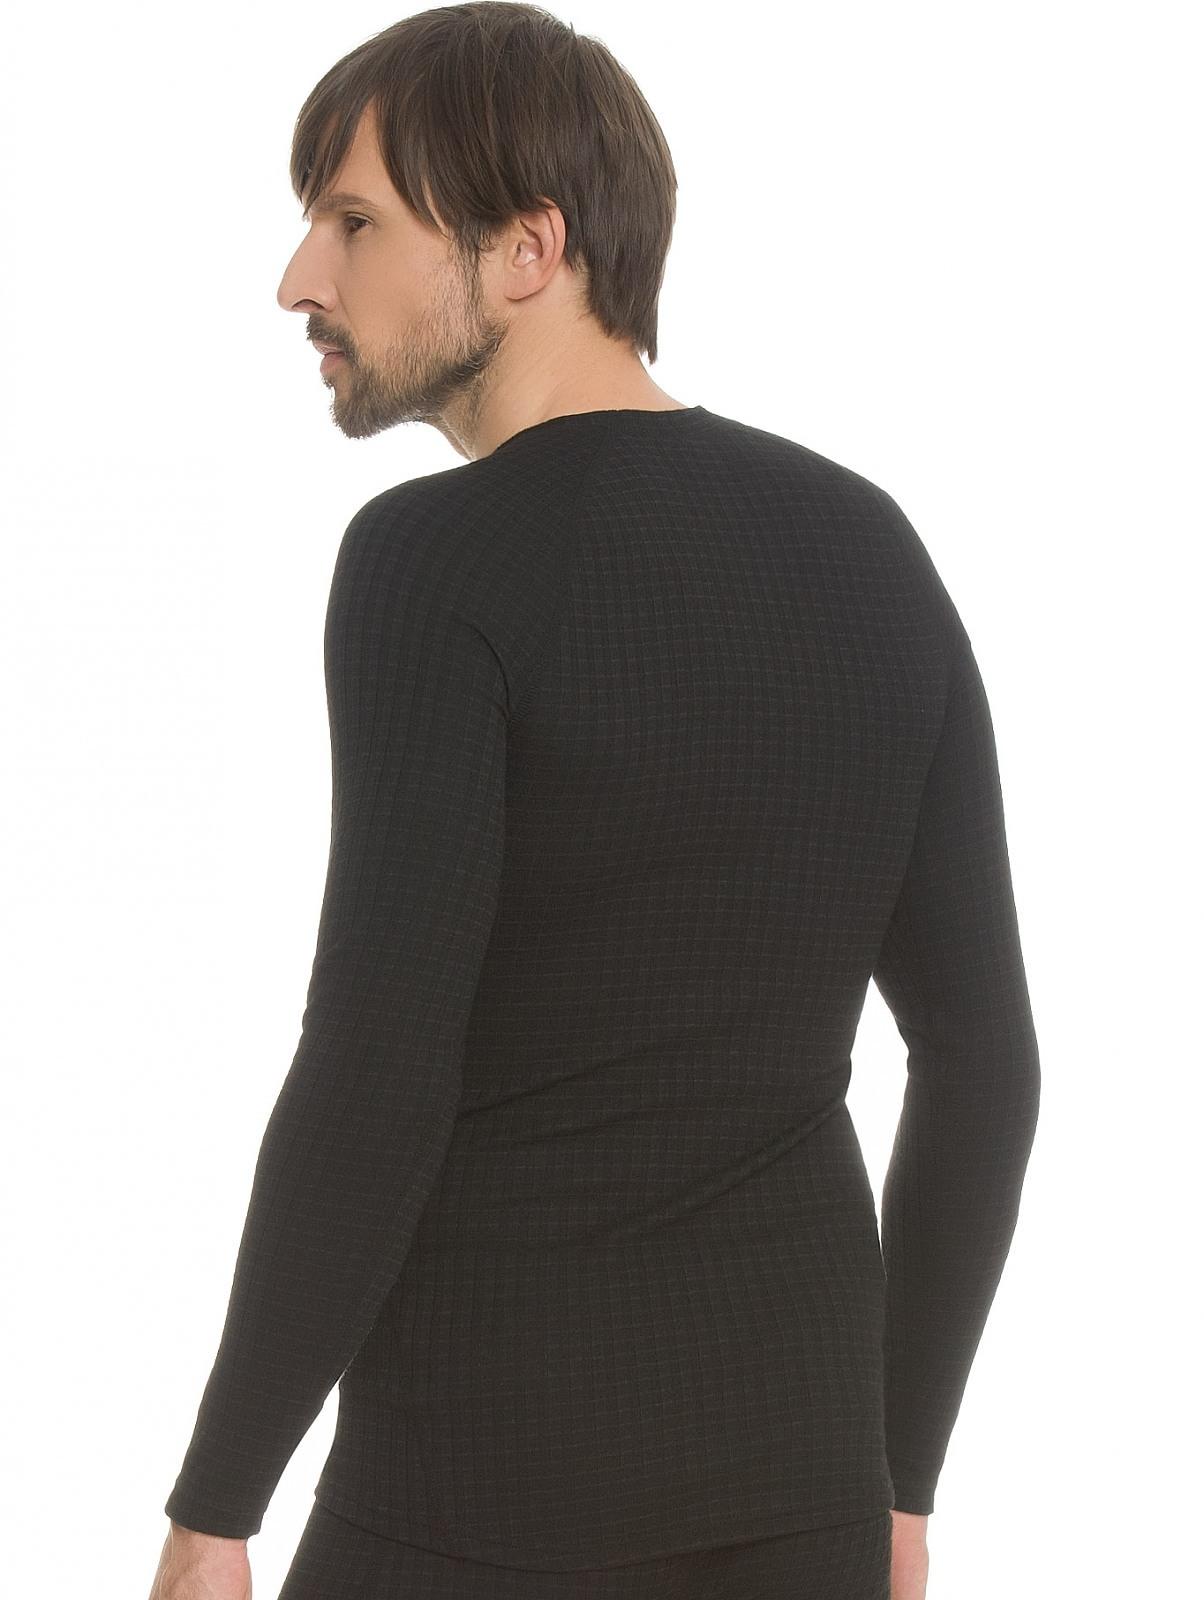 Мужское термобелье рубашка с шерстью мериноса Craft Warm Wool (1903726-9999) черный